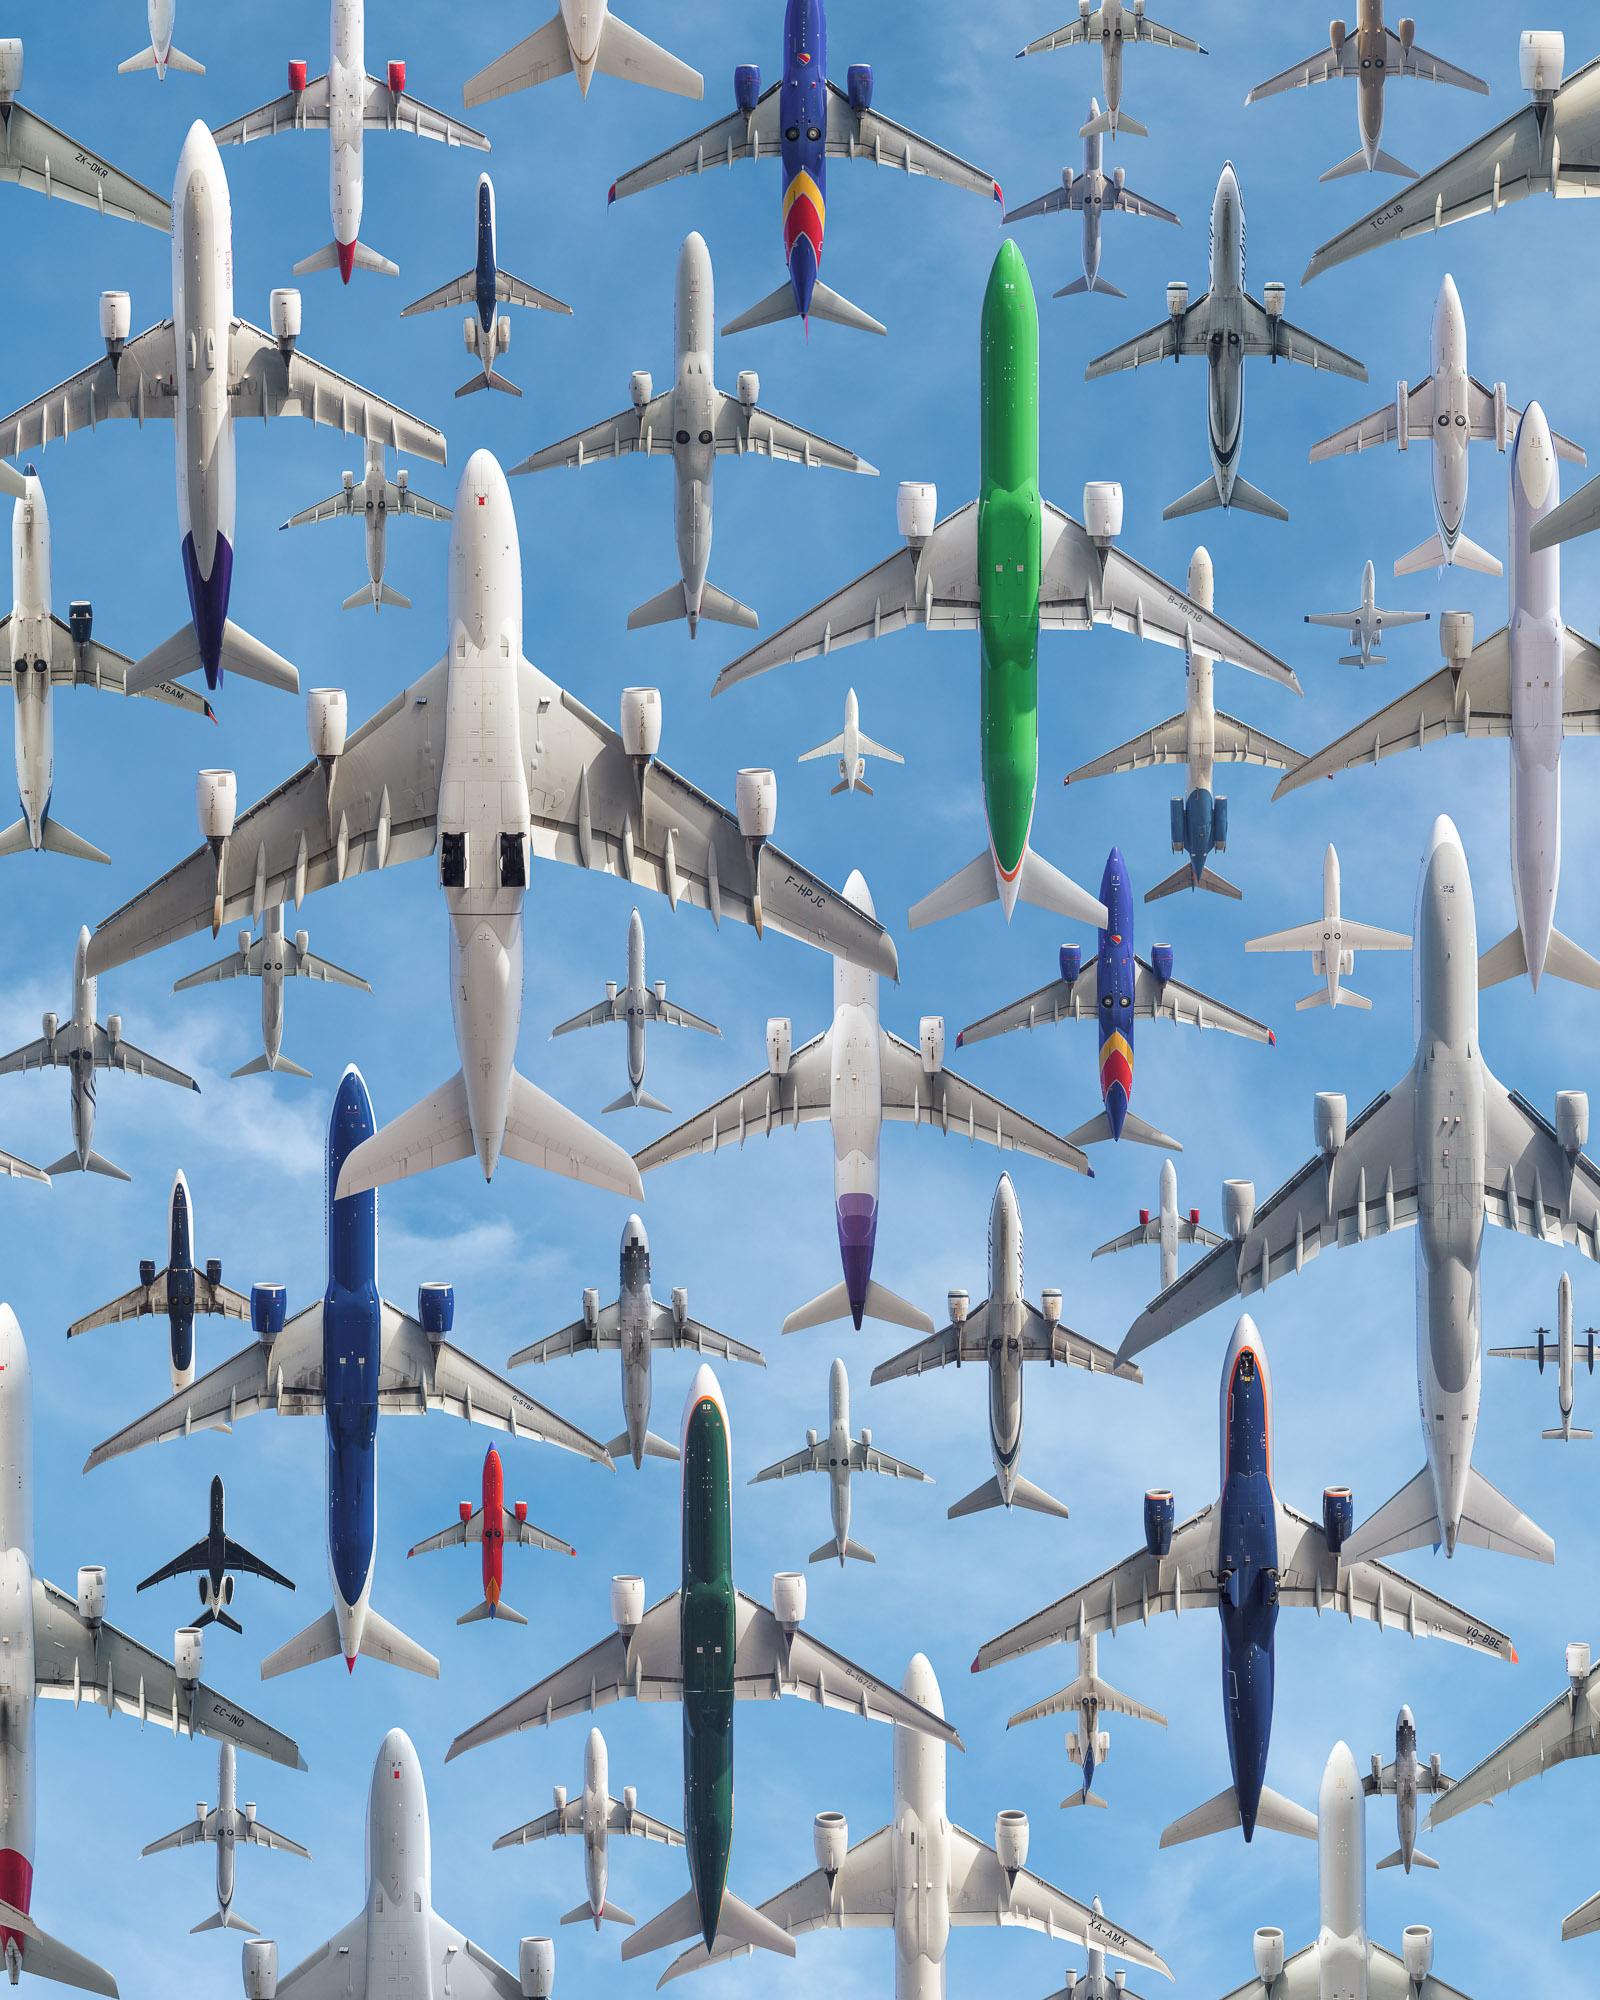 laairplane-10